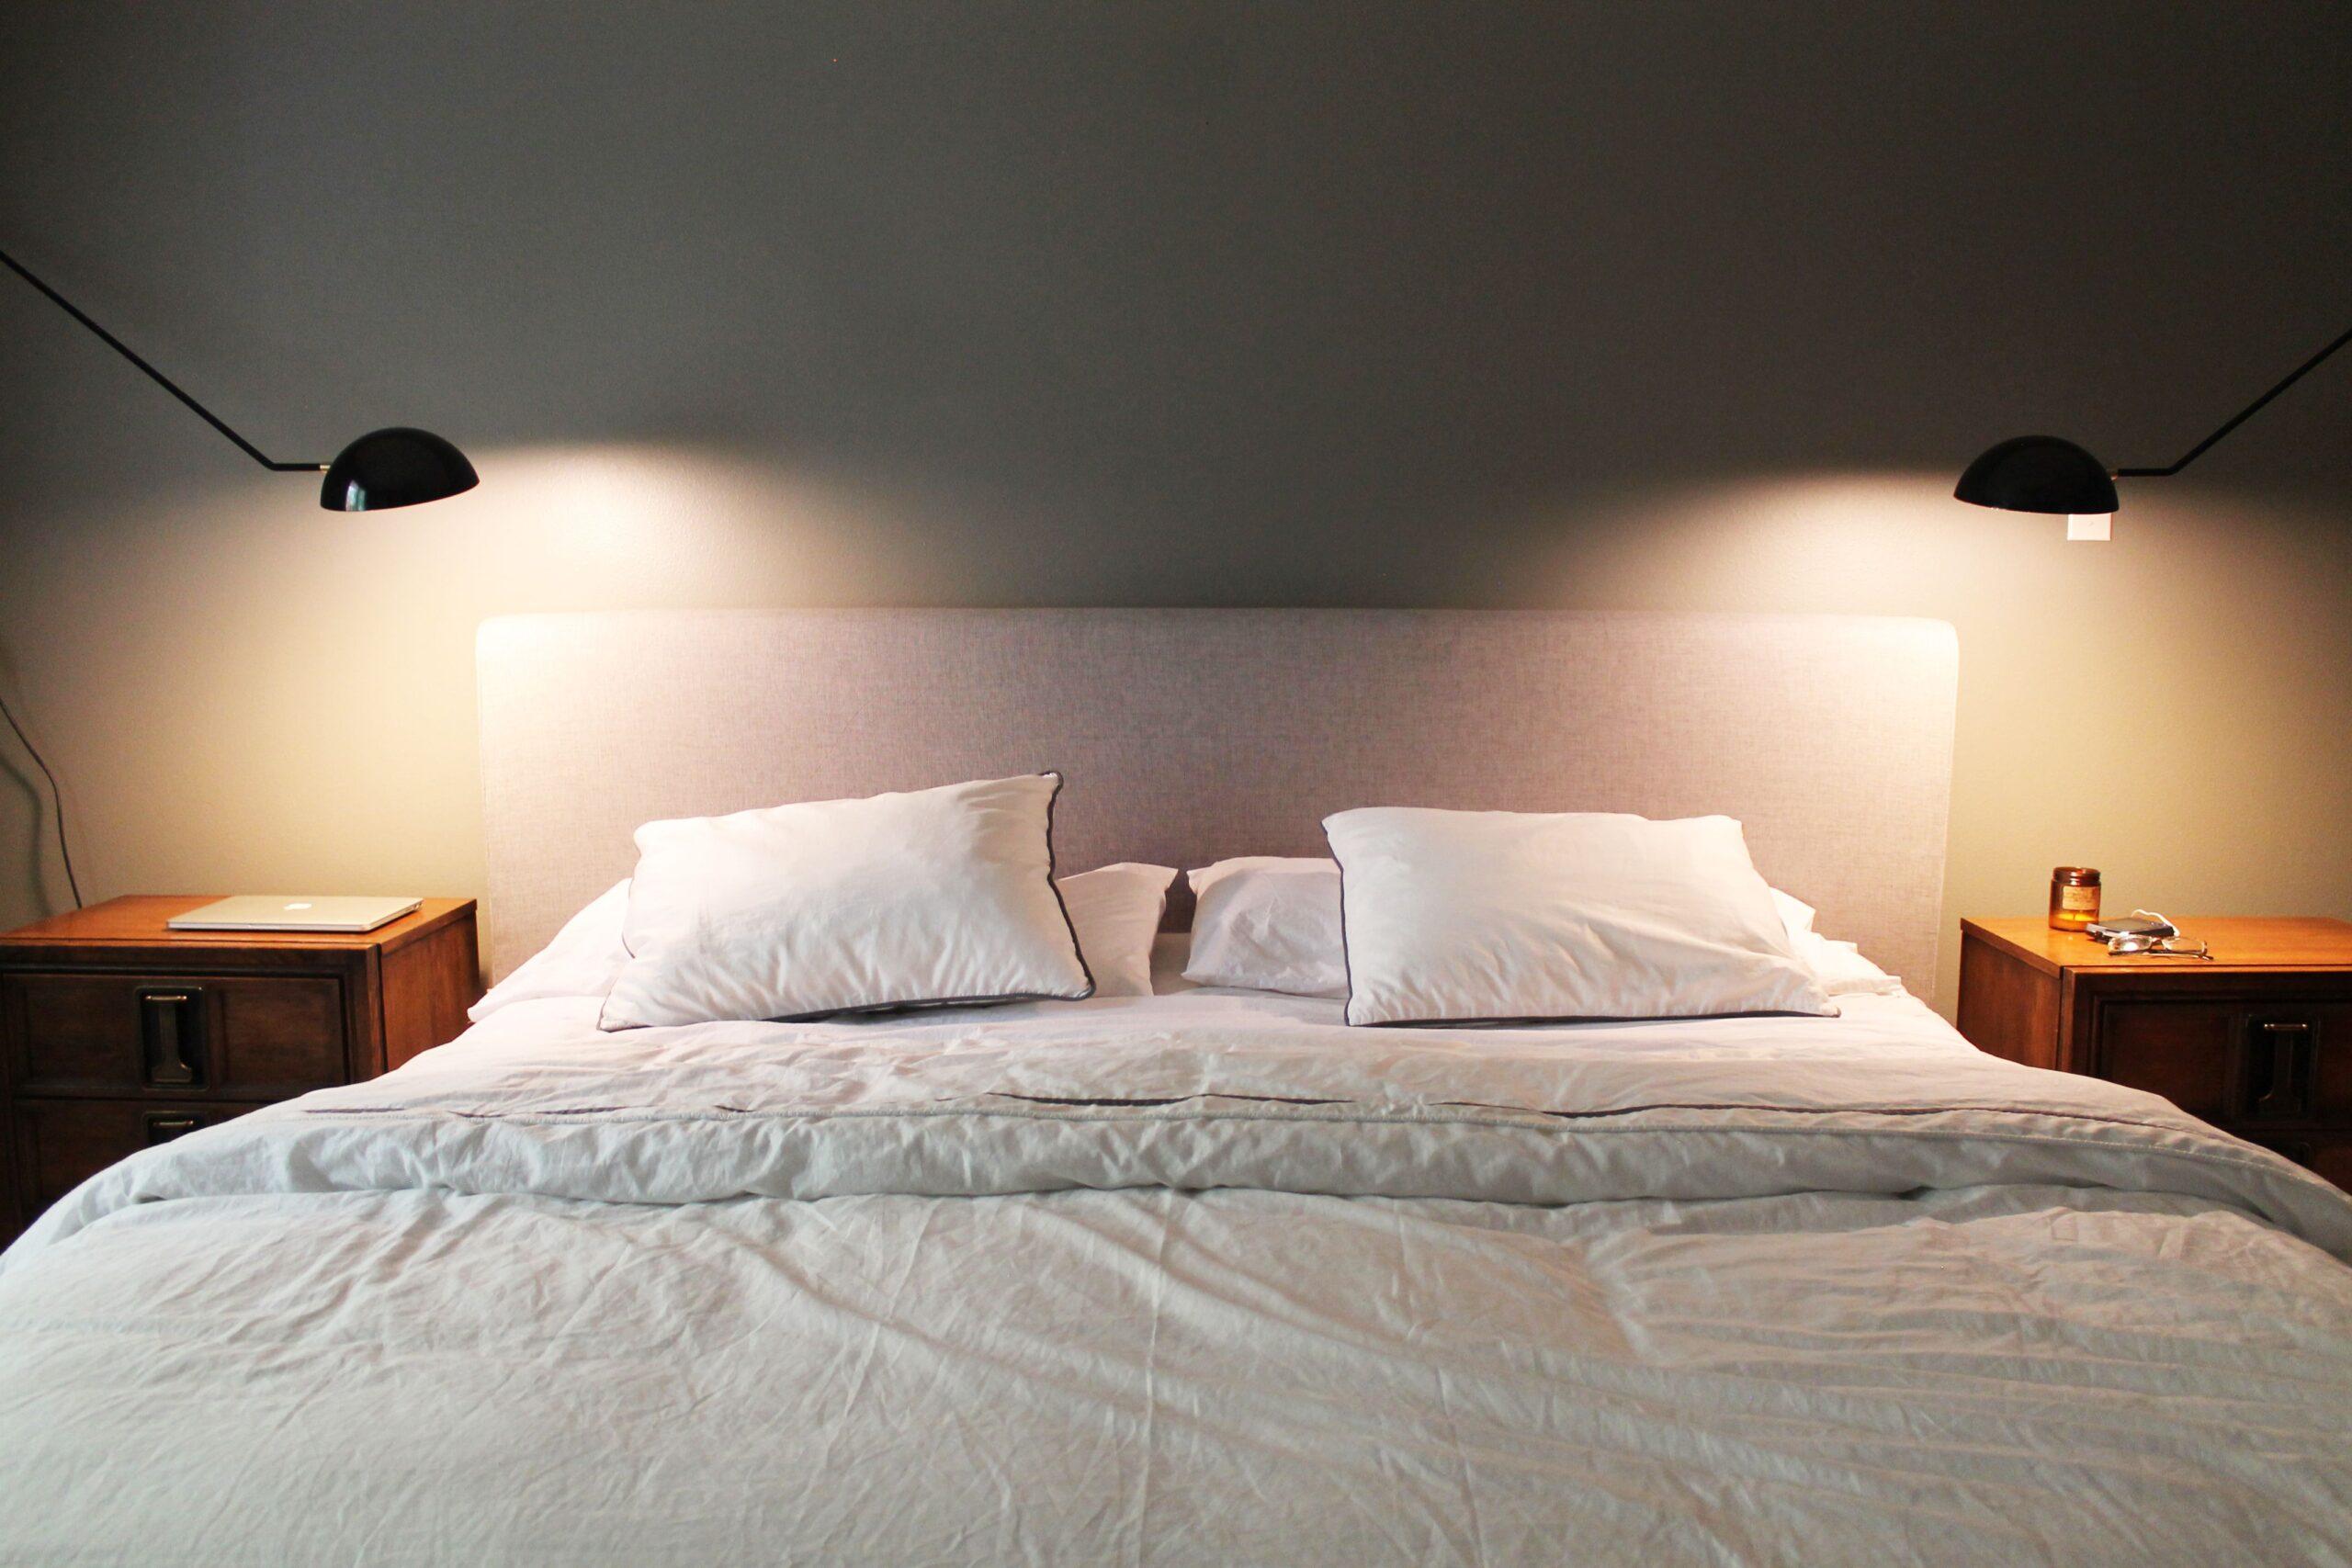 Full Size of Schlafzimmer Wandleuchte Mit Kabel Stecker Ikea Schalter Wandleuchten Rauch Vorhänge Gardinen Für Komplette Komplett Günstig Günstige Wandtattoo Stuhl Wohnzimmer Schlafzimmer Wandleuchte